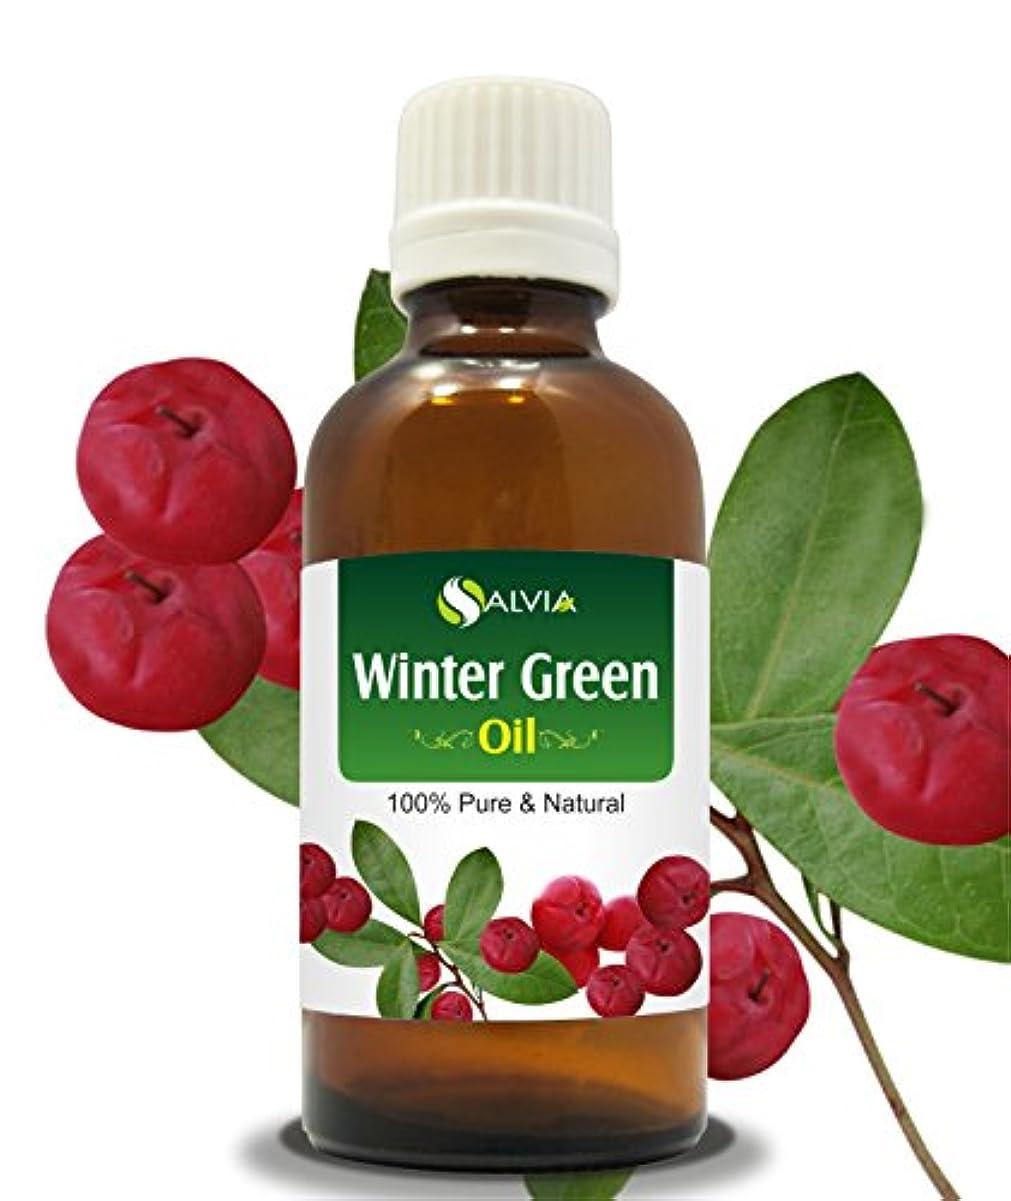 延期するパーセント笑いWINTER GREEN OIL 100% NATURAL PURE UNDILUTED UNCUT ESSENTIAL OIL 30ML